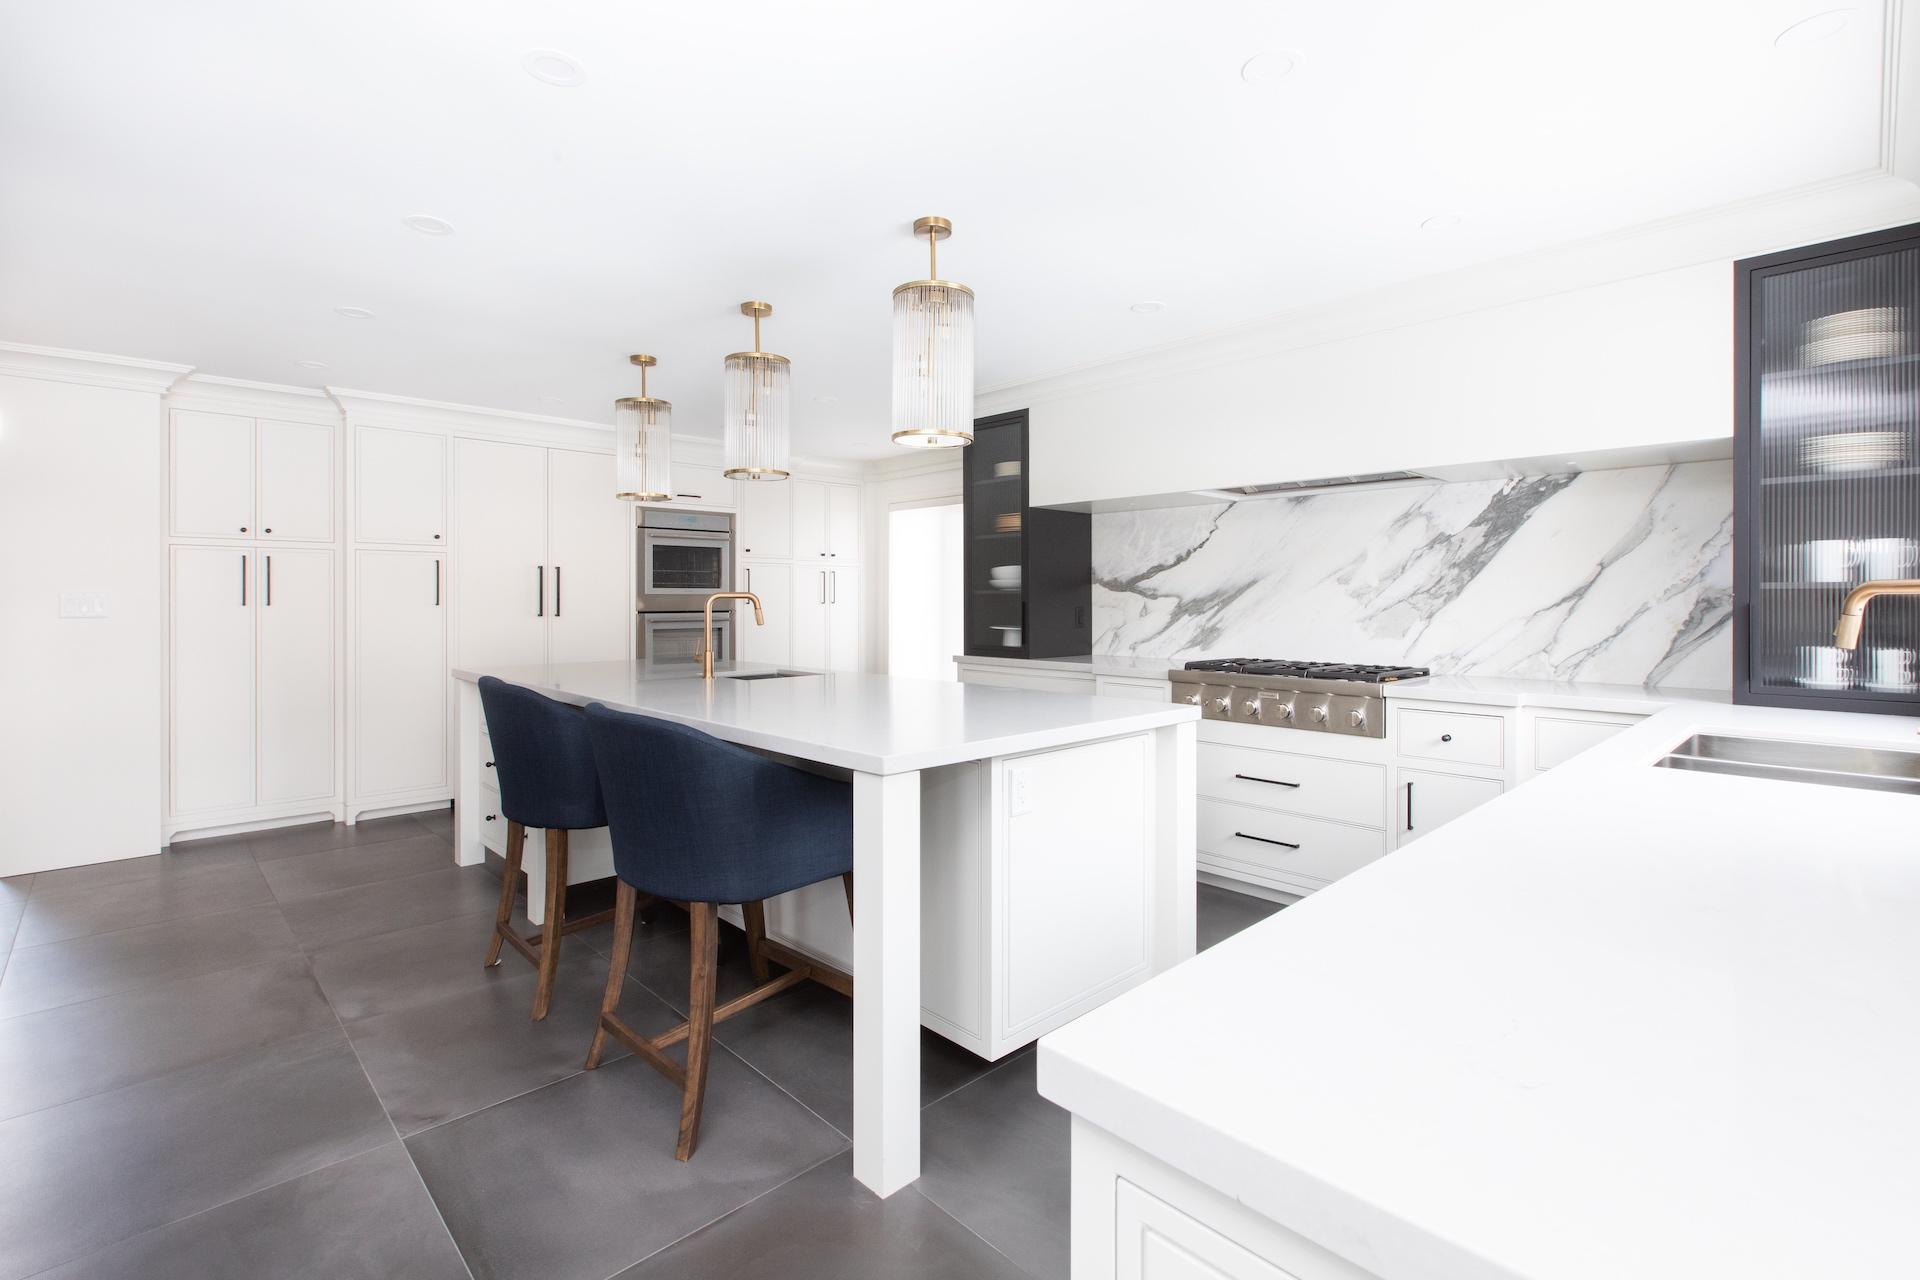 White NIICO Kitchen with blue bar stools